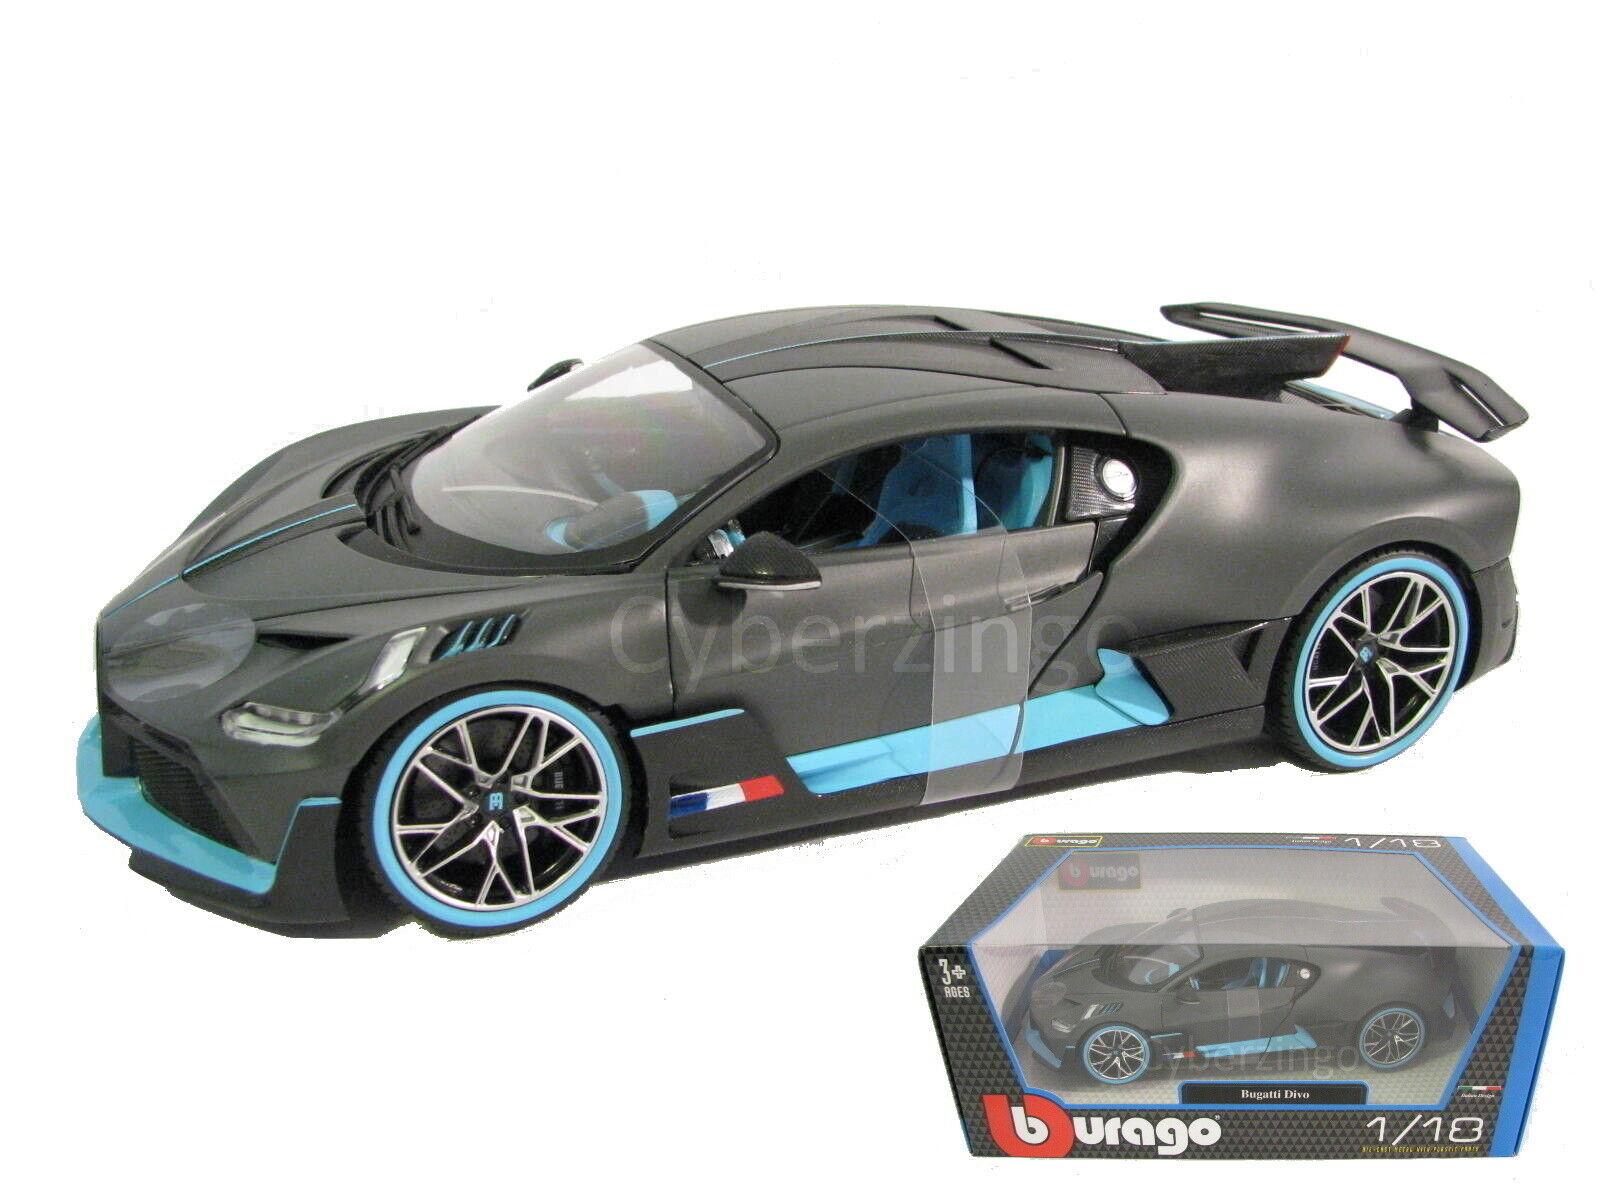 BUGATTI DIVO MATT GRAY WITH BLUE ACCENTS 1//18 DIECAST MODEL RACE CAR NEW IN BOX